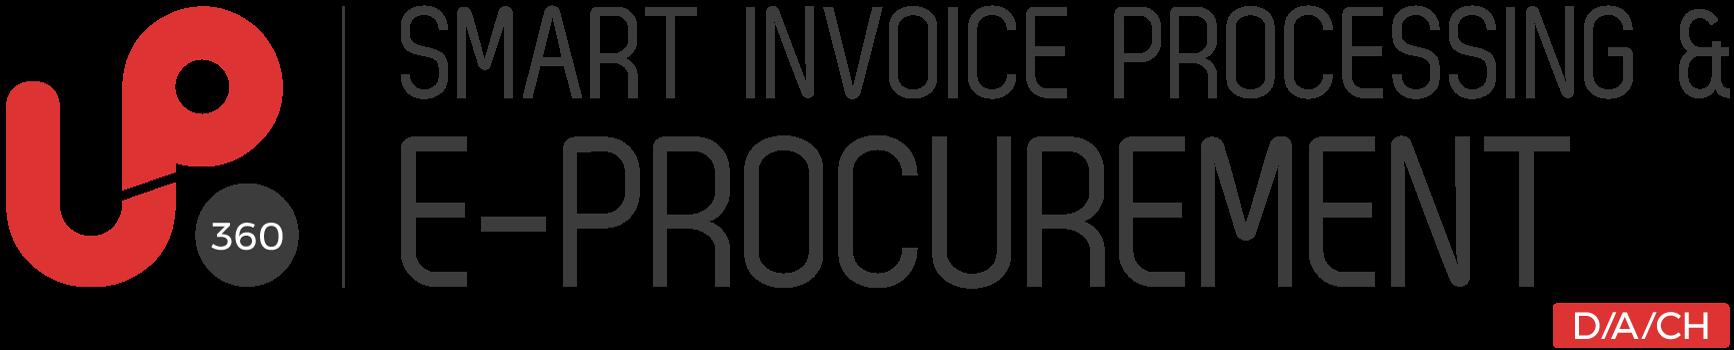 ScaleUp 360° Smart Invoice Processing & e-Procurement